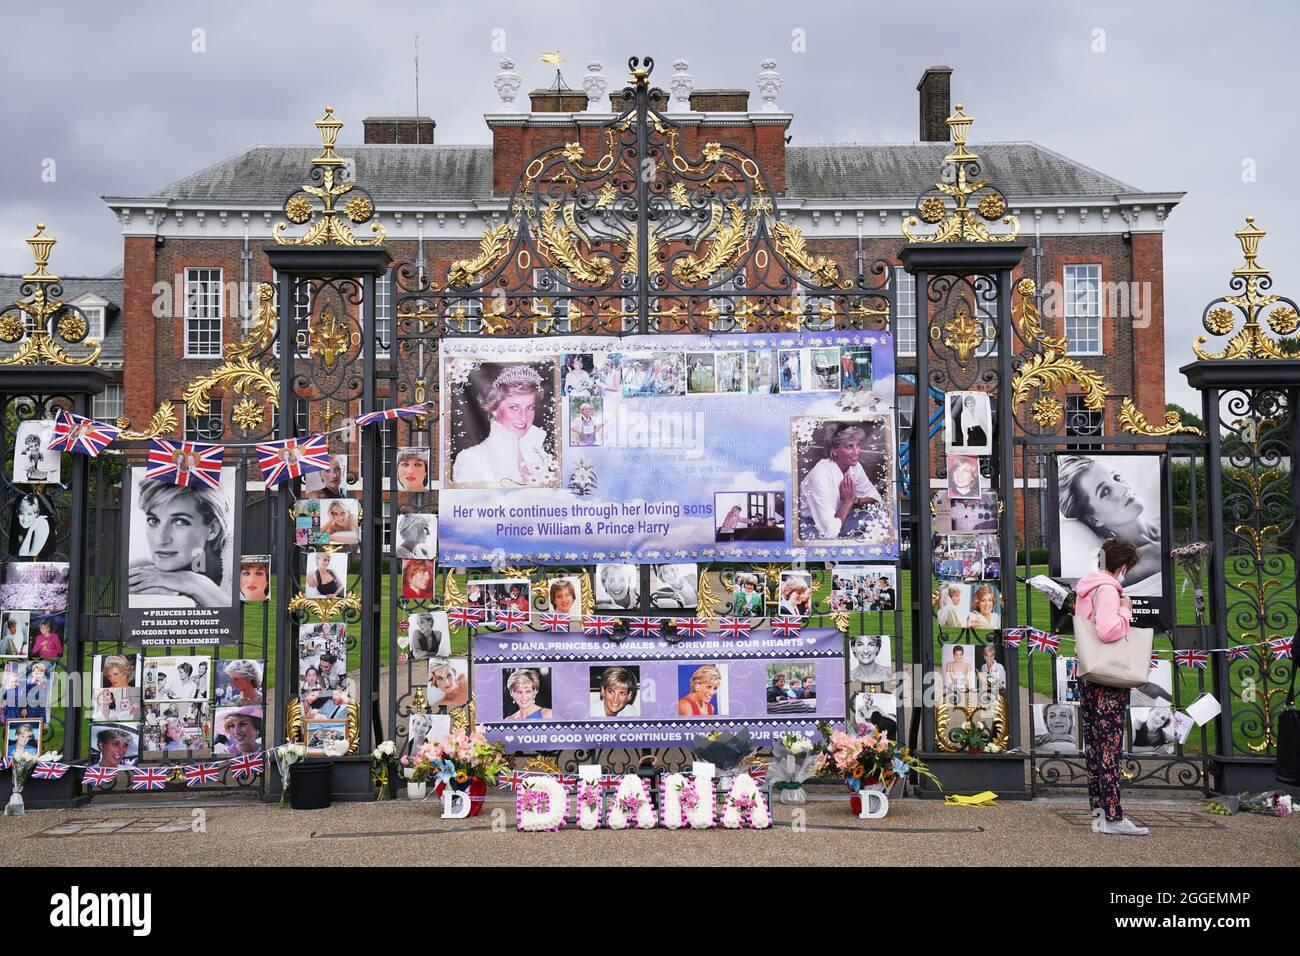 Die Menschen schauen sich die Ehrungen an, die am 24. Todestag von Diana, Prinzessin von Wales, vor den Toren des Kensington Palace in London hinterlassen wurden. Bilddatum: Dienstag, 31. August 2021. Stockfoto